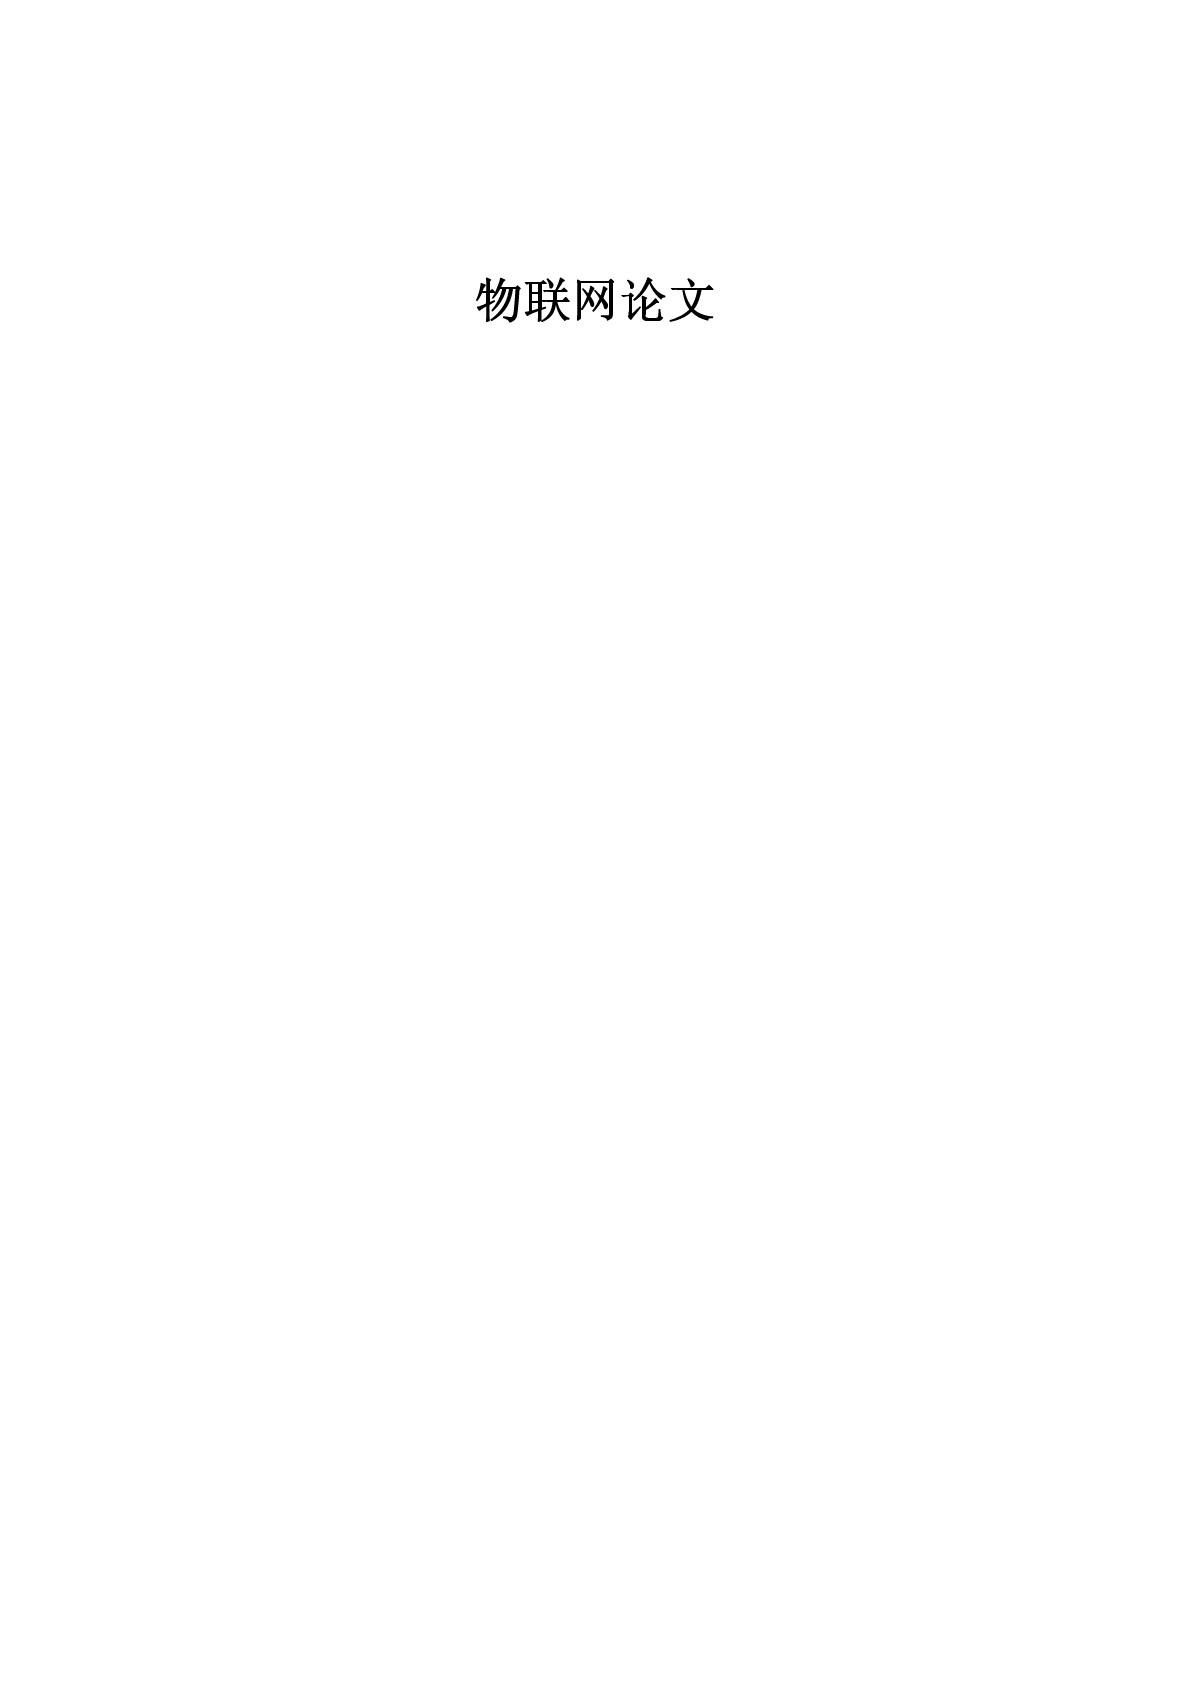 物联网毕业论文